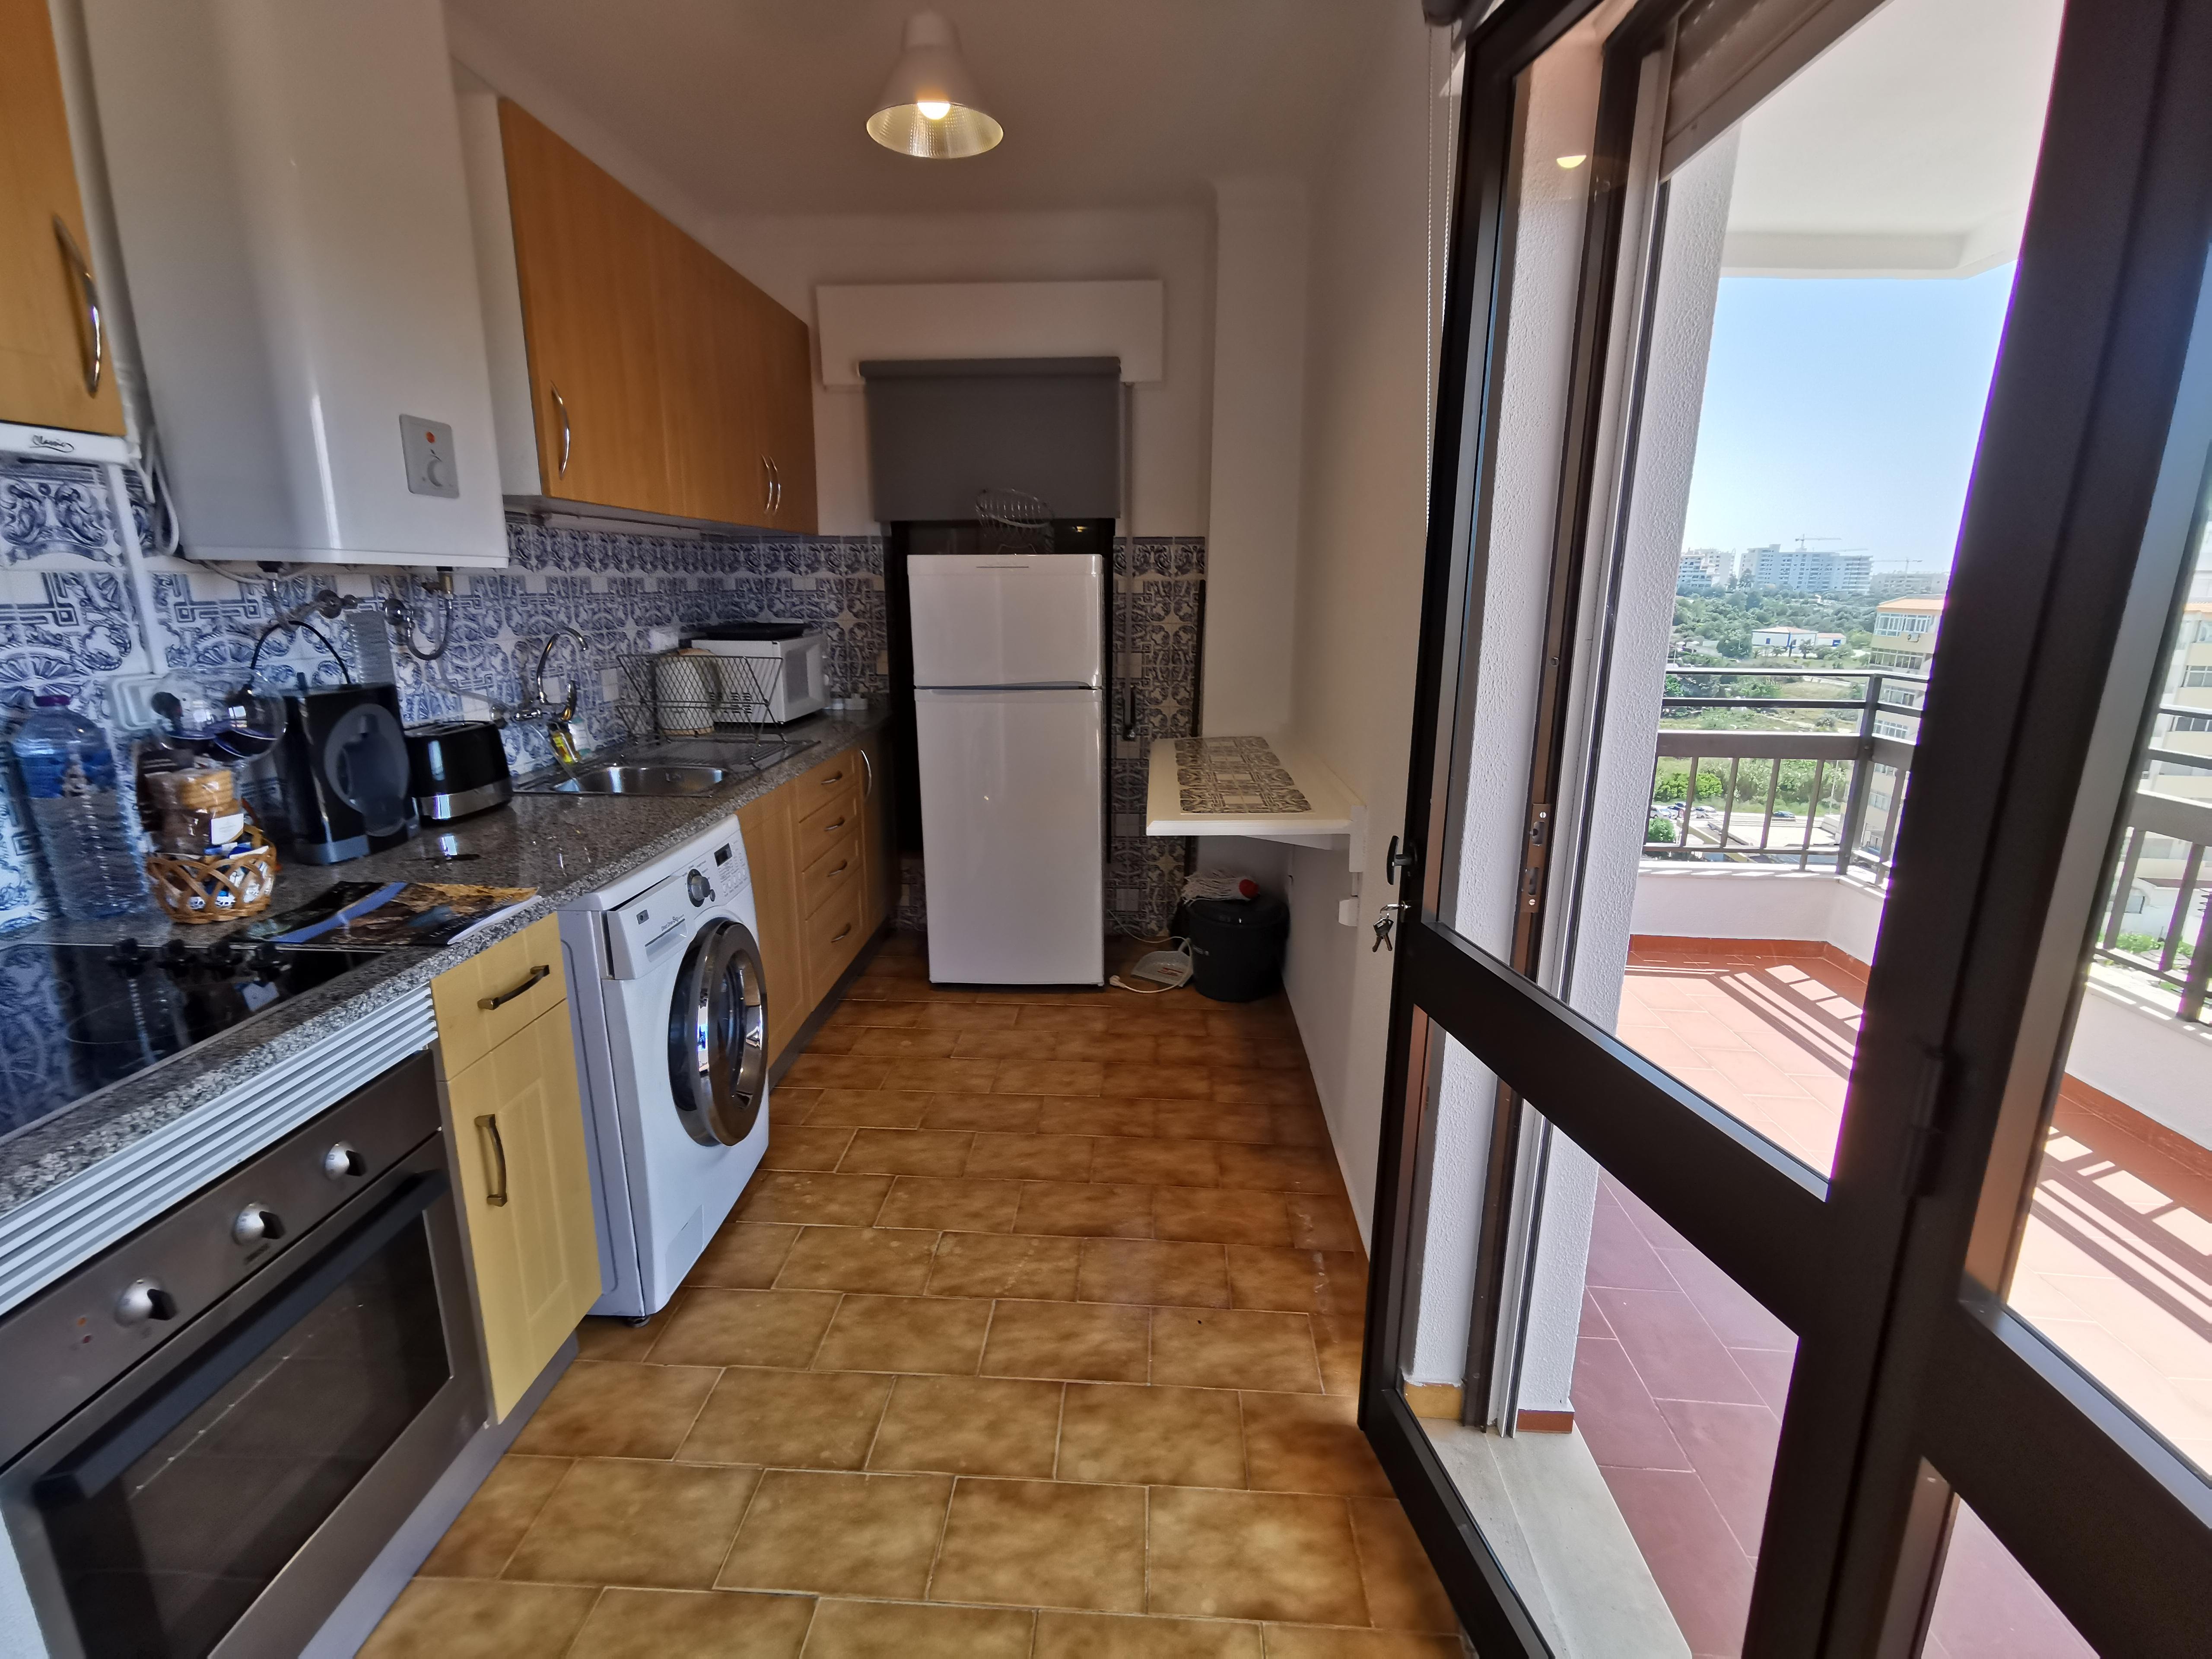 Location appartements et villas de vacance, T1 Encosta do Vau à Portimão, Portugal Algarve, REF_IMG_11603_11614